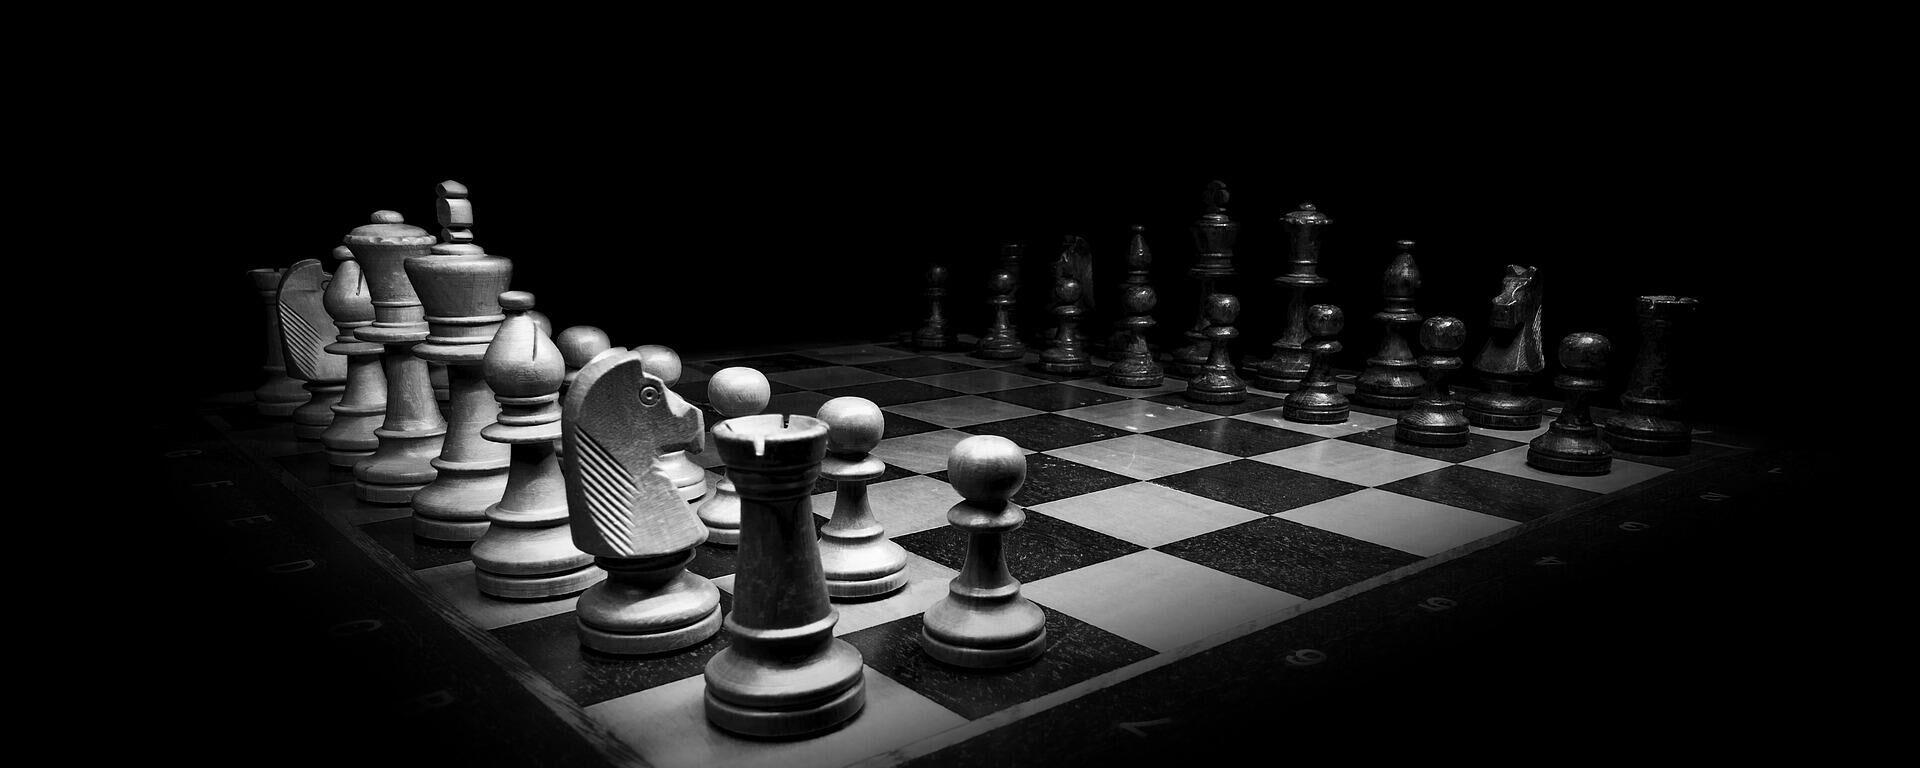 Schach - SNA, 1920, 05.08.2021